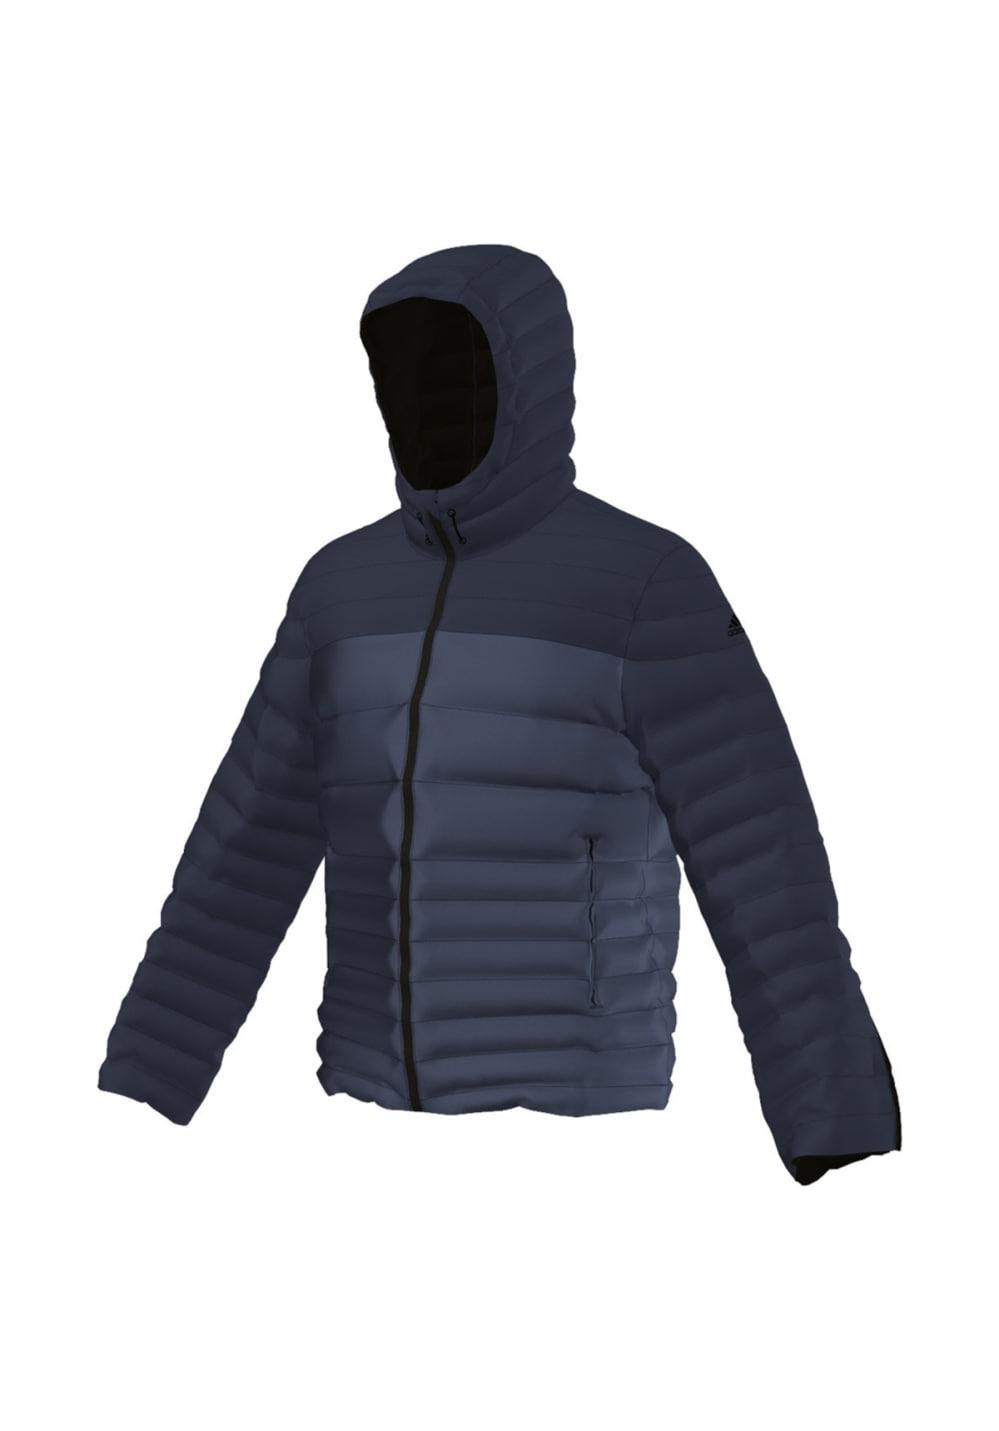 on sale 0d1ce 6e7b6 adidas Cosy Down Jacket - Vestes course pour Homme - Noir   21RUN